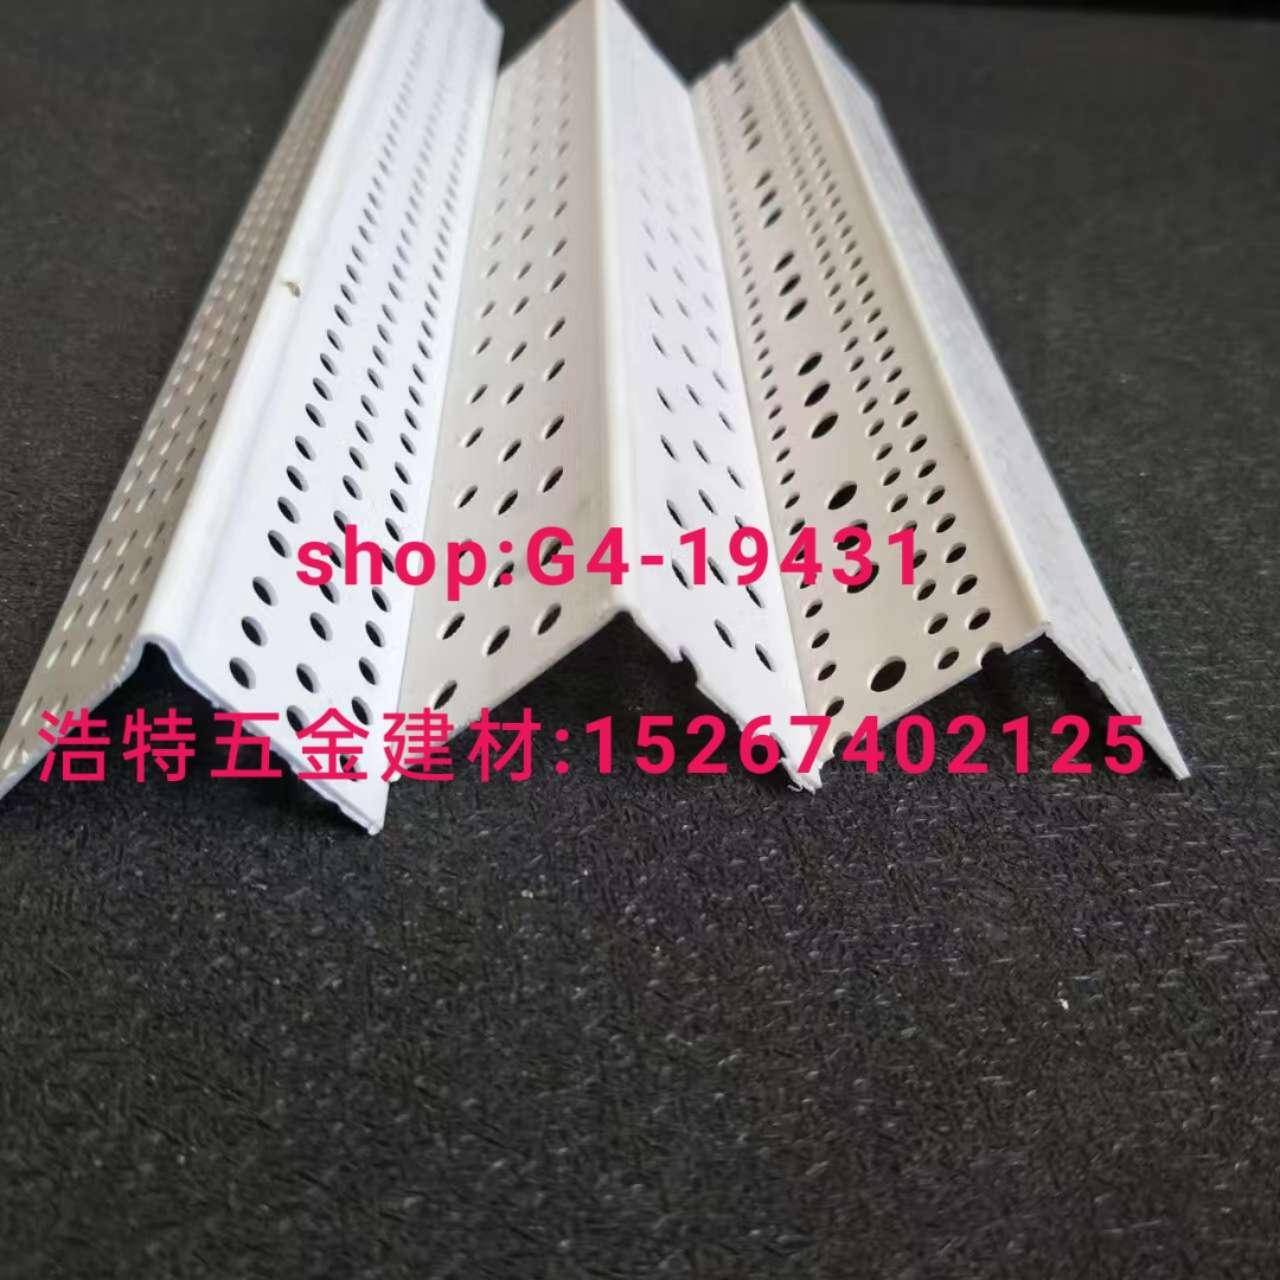 铝护角条阳角条补缝条修边条 分割条直角条卡槽开口条pvc护角网踢脚线铝条1